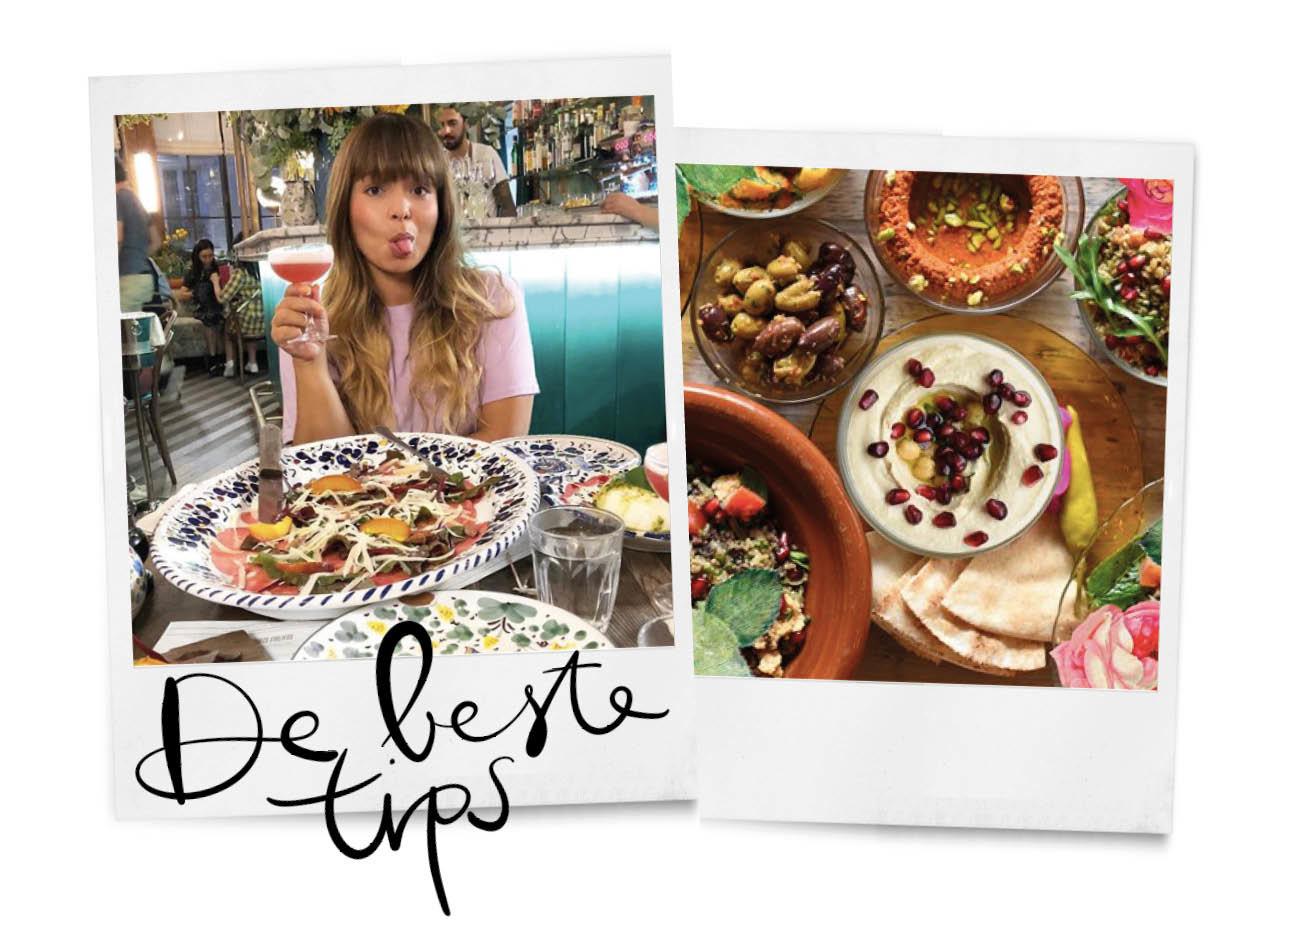 kiki duren aan het eten, tafel vol met libanees eten, de beste tips